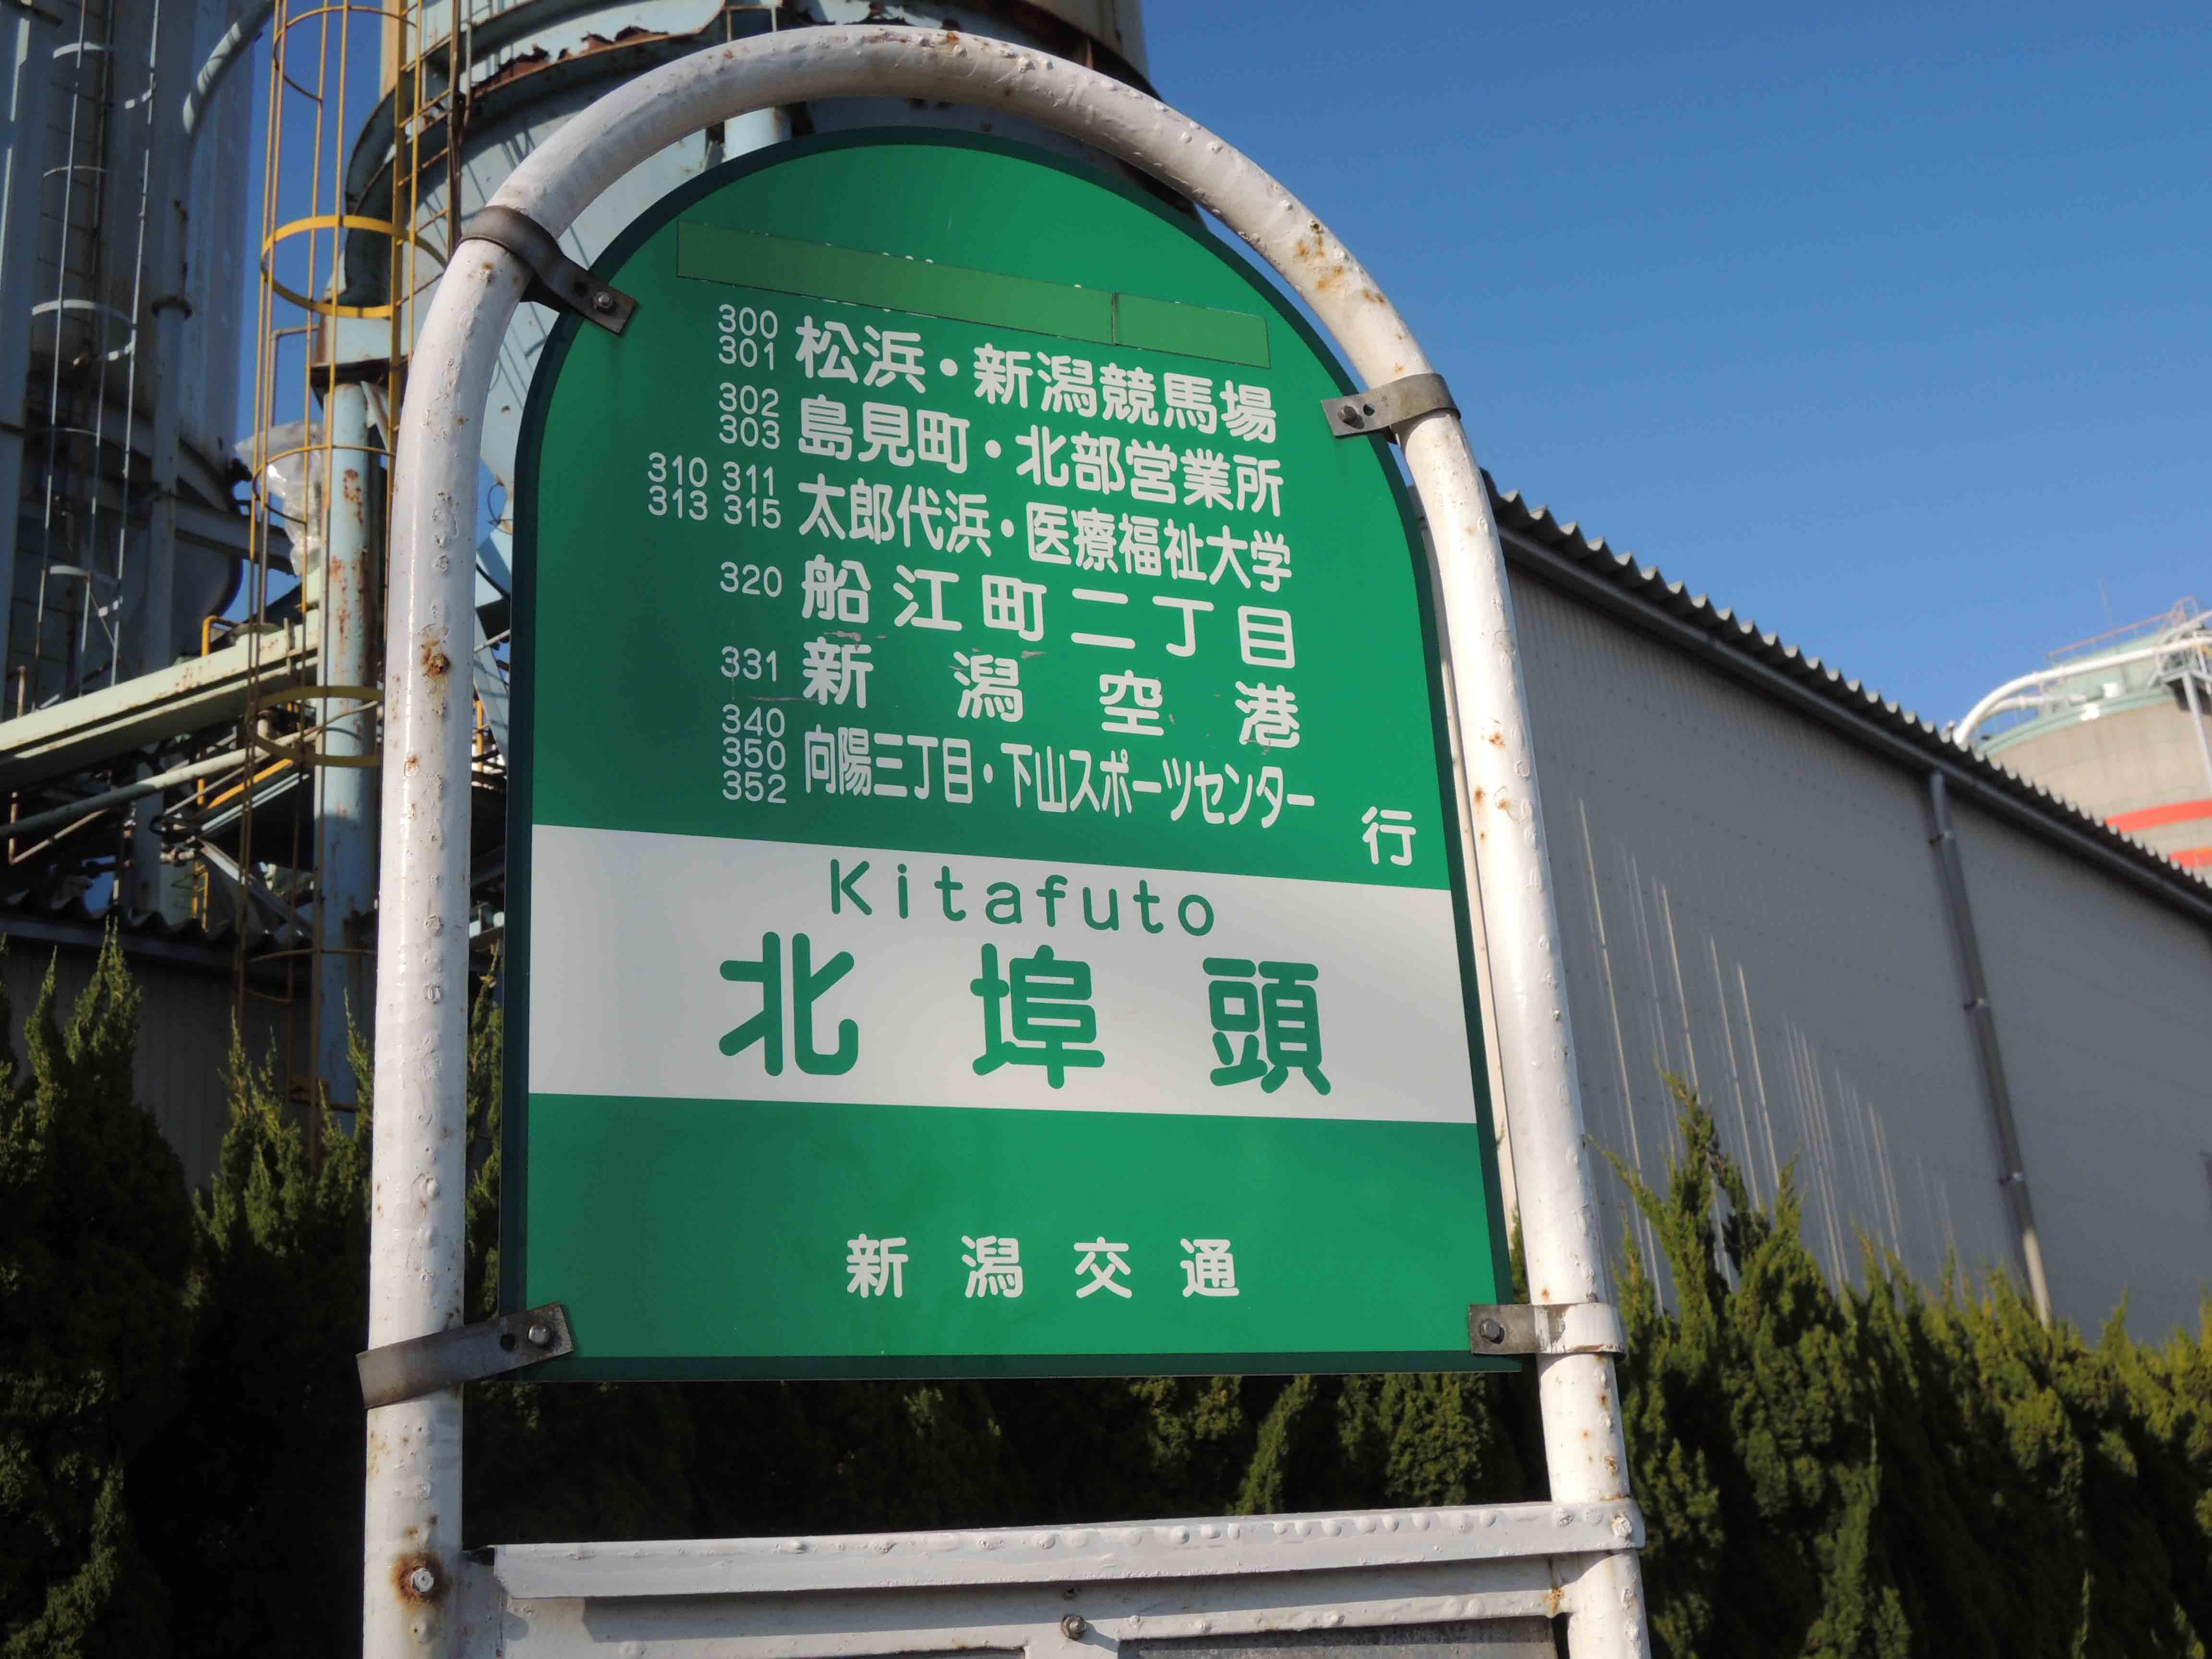 日本は丸ゴシック体の宝庫(3)・バス編_e0175918_0115257.jpg